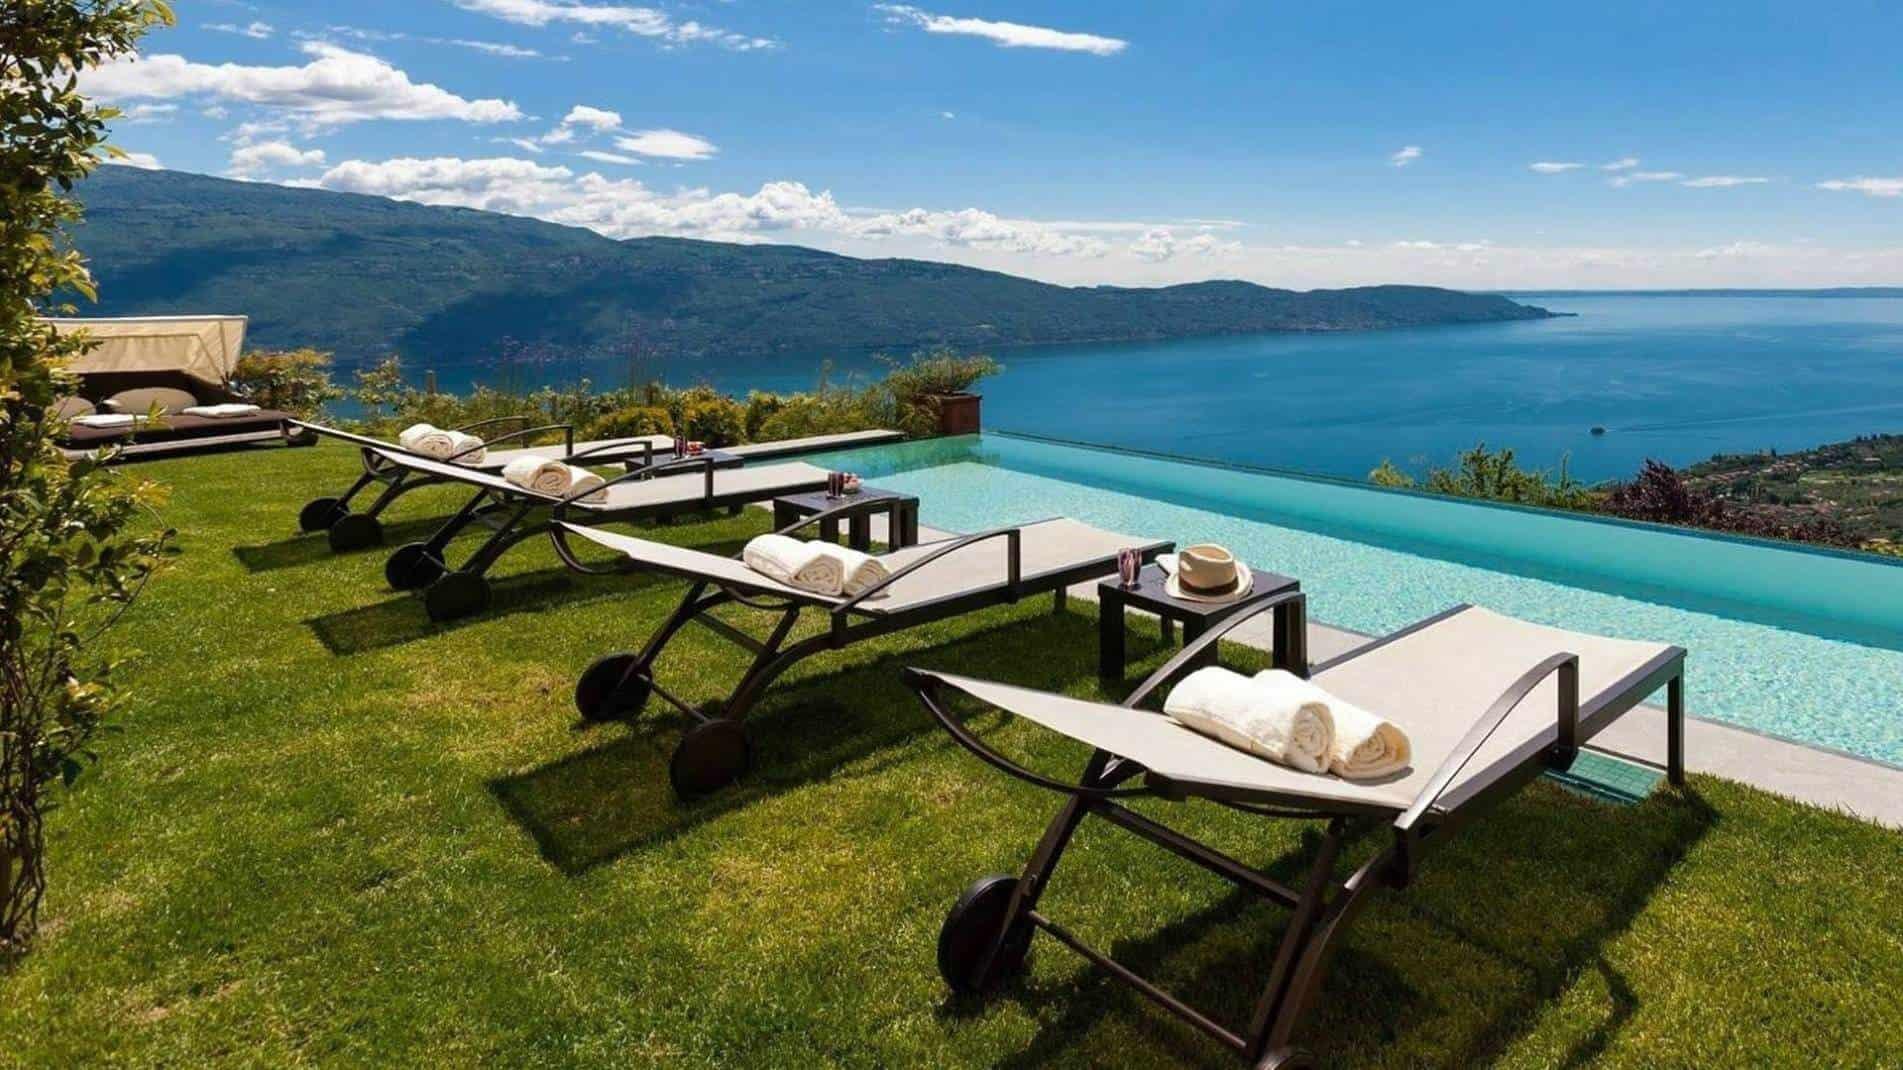 Lefay-Resort-and-Spa-Lake-Garda-Italy-1